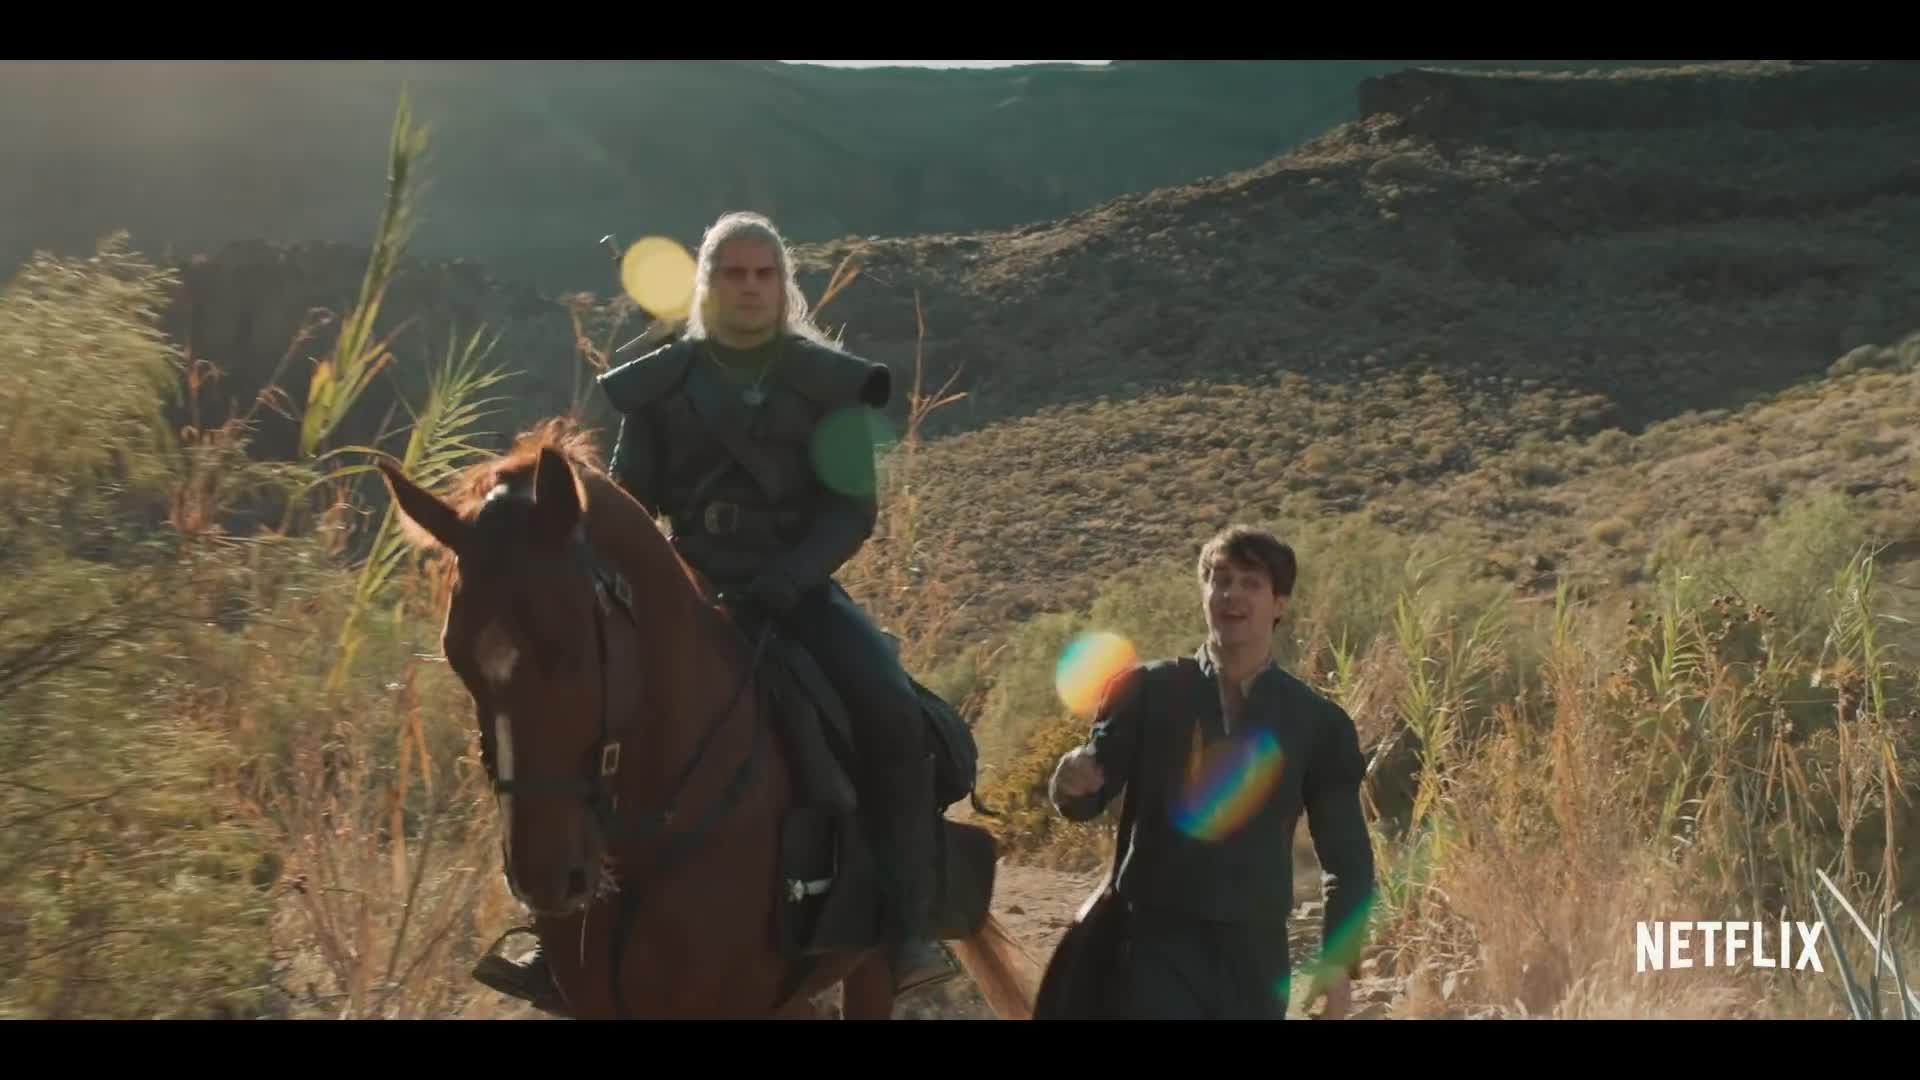 Trailer, Netflix, Serie, The Witcher, Geralt von Riva, Geralt